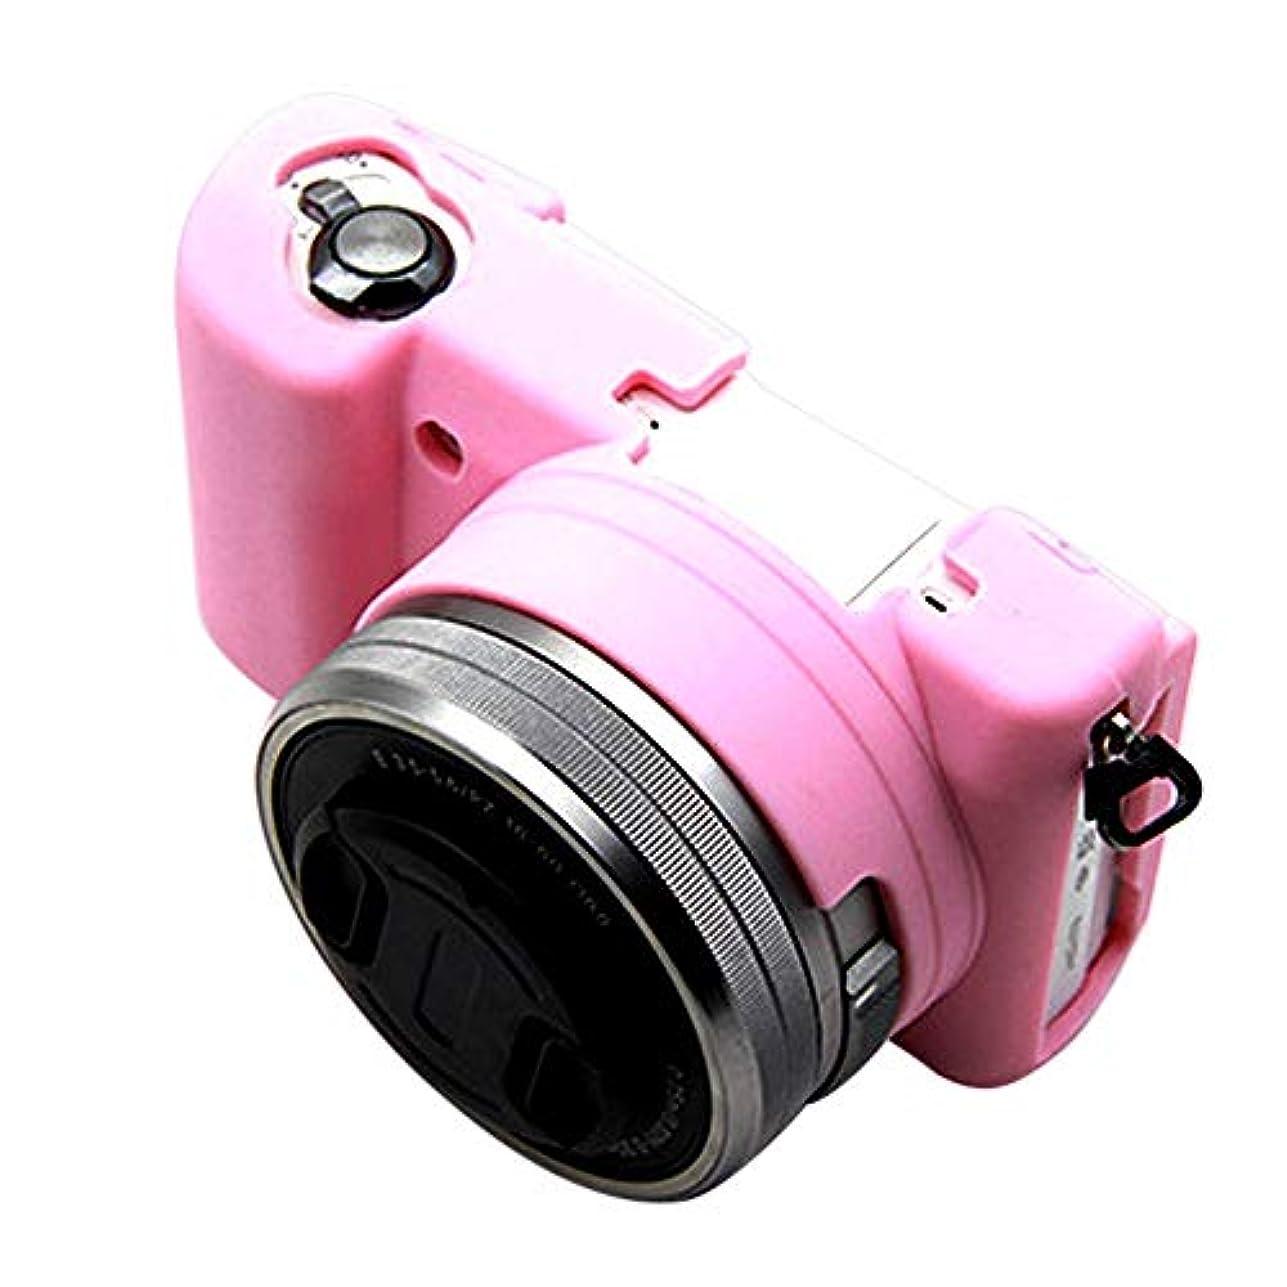 平和評価記念碑的なBGOO ソフトシリコンカメラカバー シリコンアーマーケースバッグ カメラカバープロテクター Sony A5100 A5000用